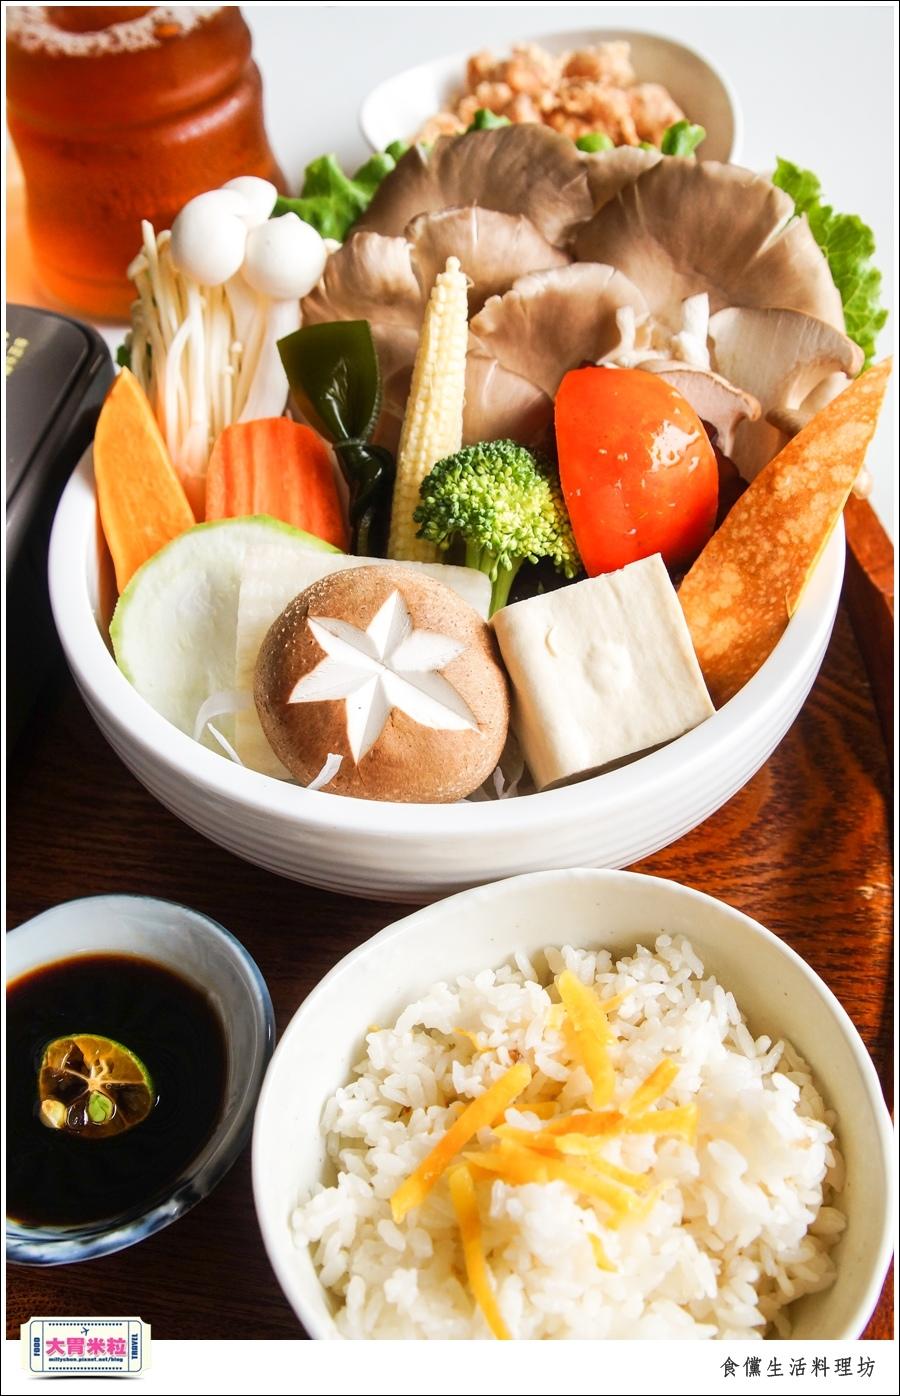 嘉義食儻生活料理坊@嘉義蘭丼街美食@大胃米粒0026.jpg